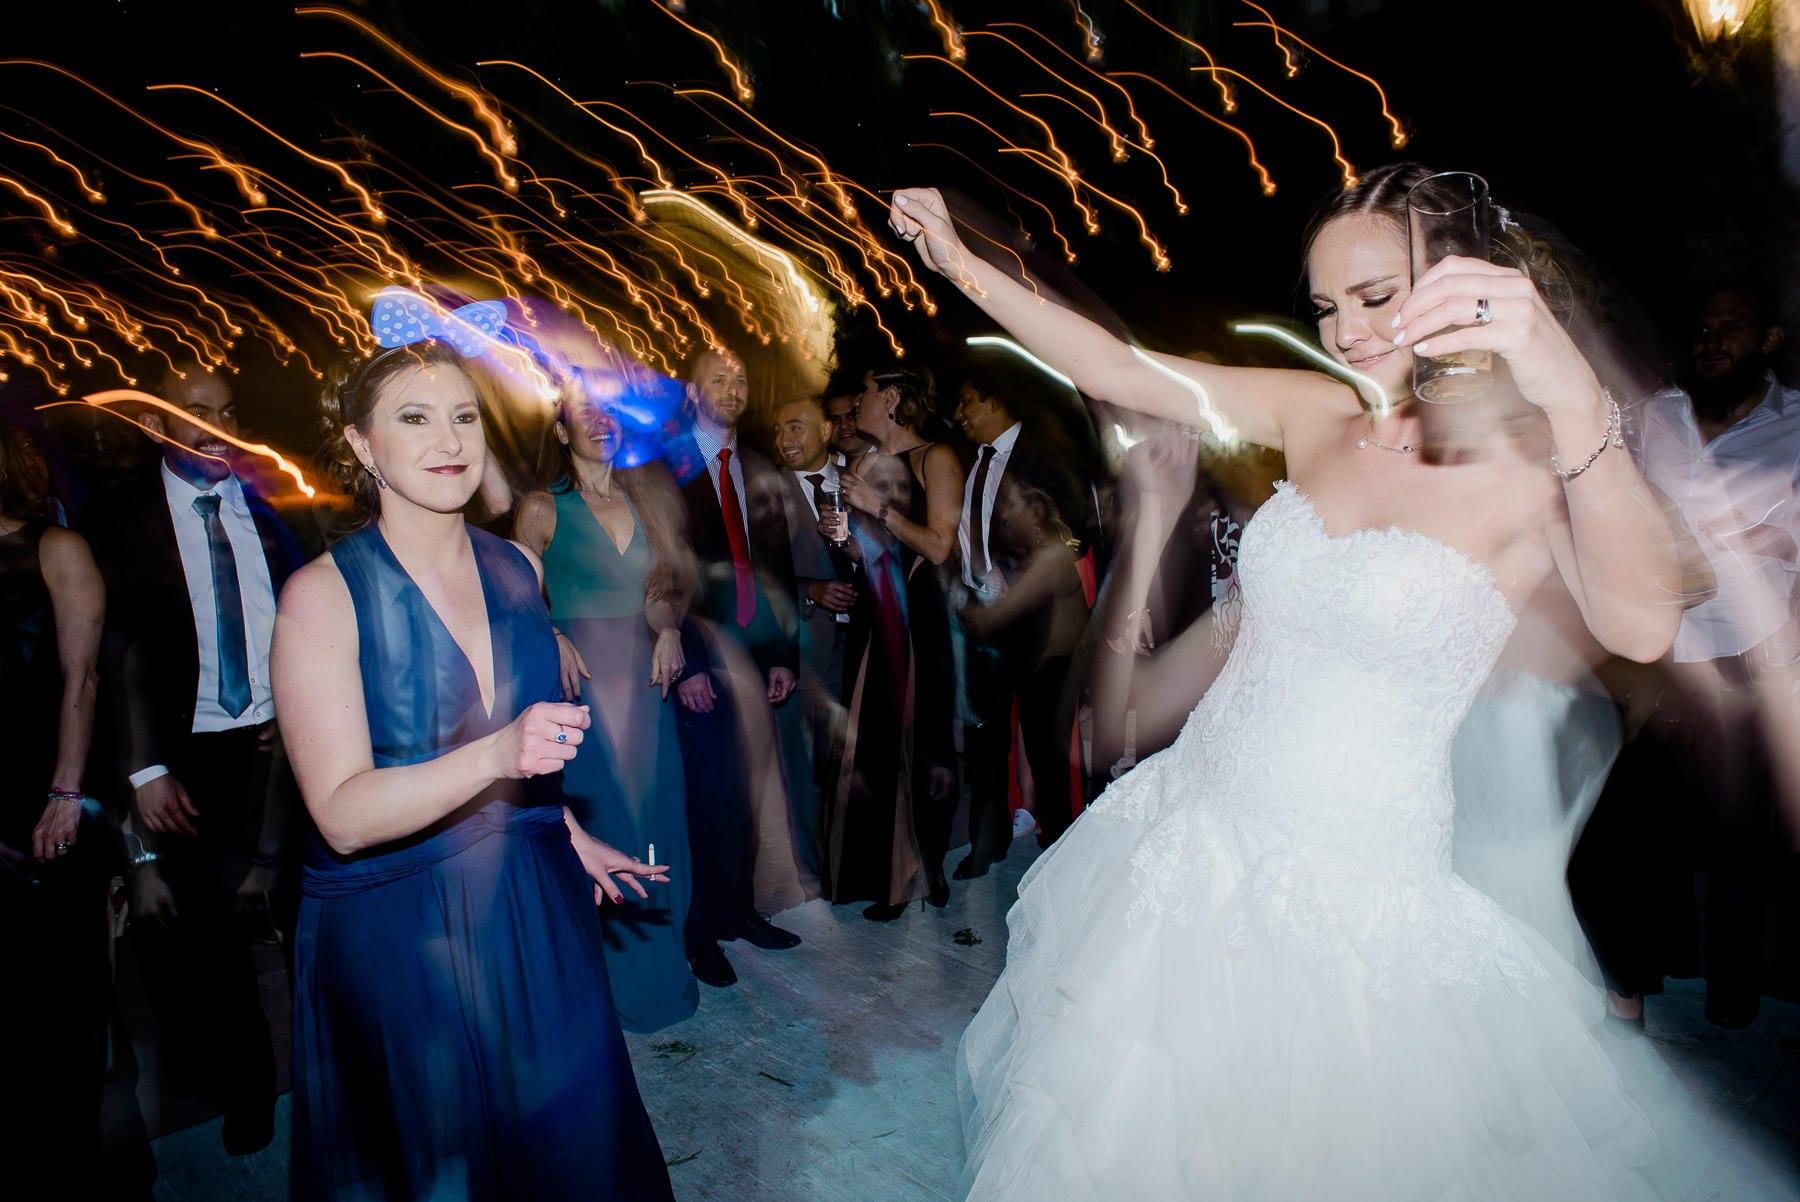 fotografo-de-bodas-en-queretaro-67